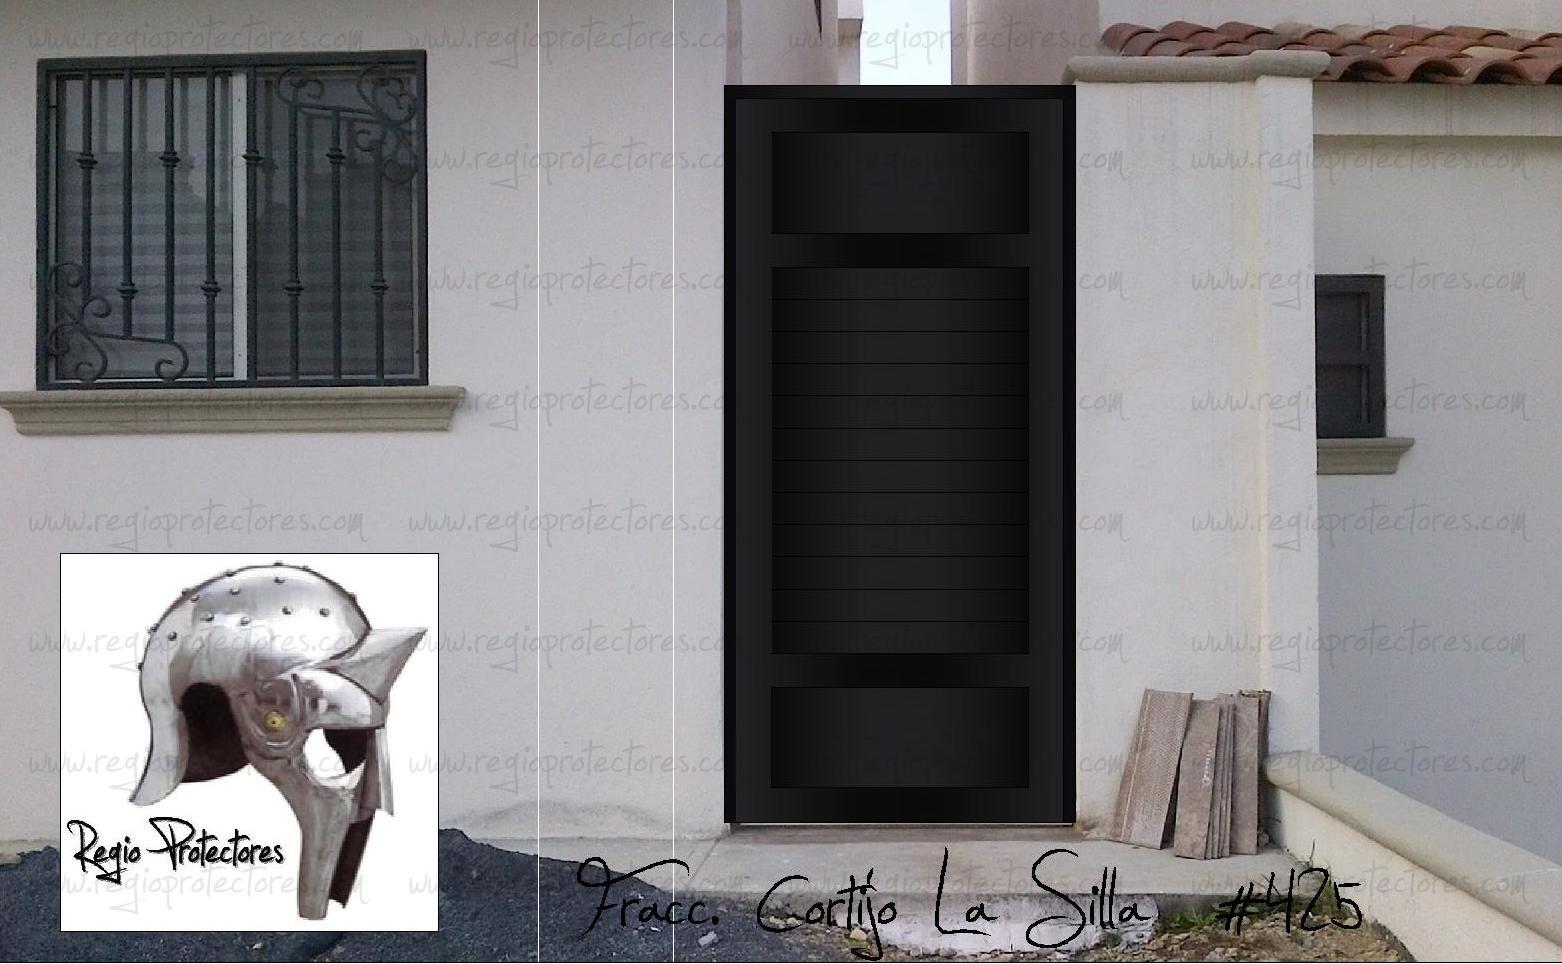 Regio Protectores Puerta para pasillo estilo Louver Fracc Cortijo La Silla Montaje y plano 425